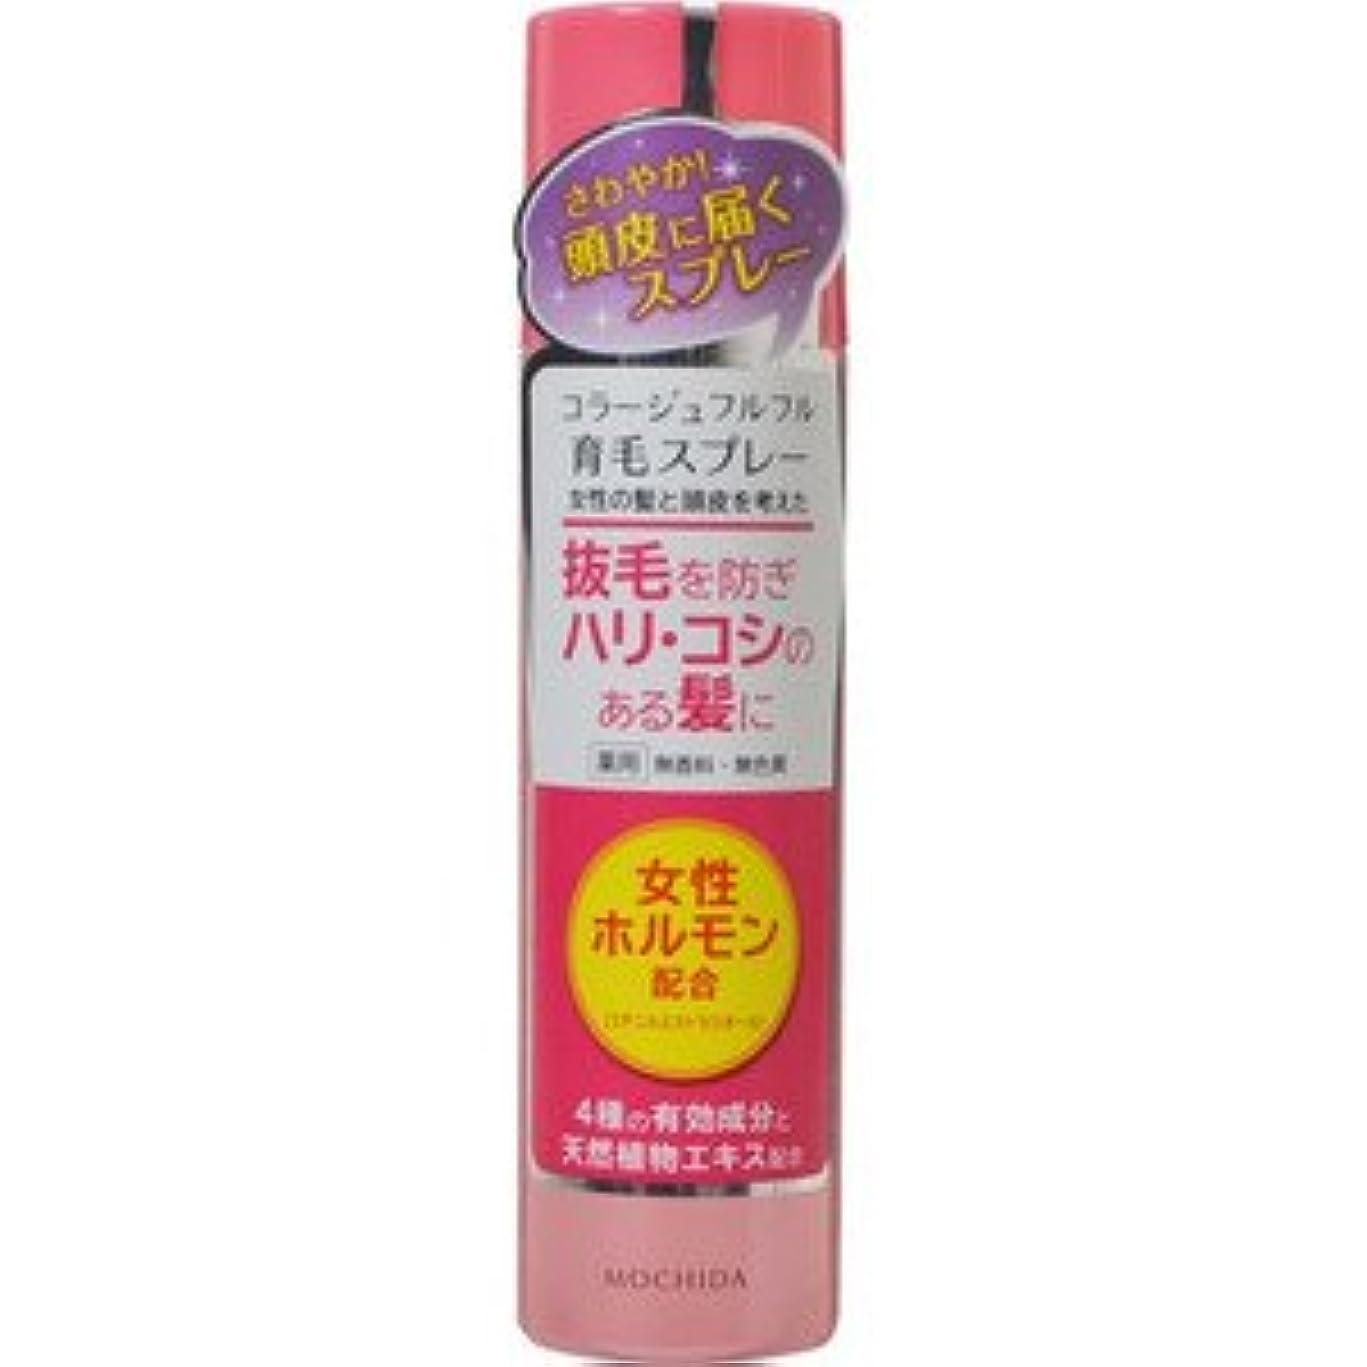 性格ほめるバー(持田ヘルスケア)コラージュフルフル 育毛スプレー 150g(医薬部外品)(お買い得3個セット)